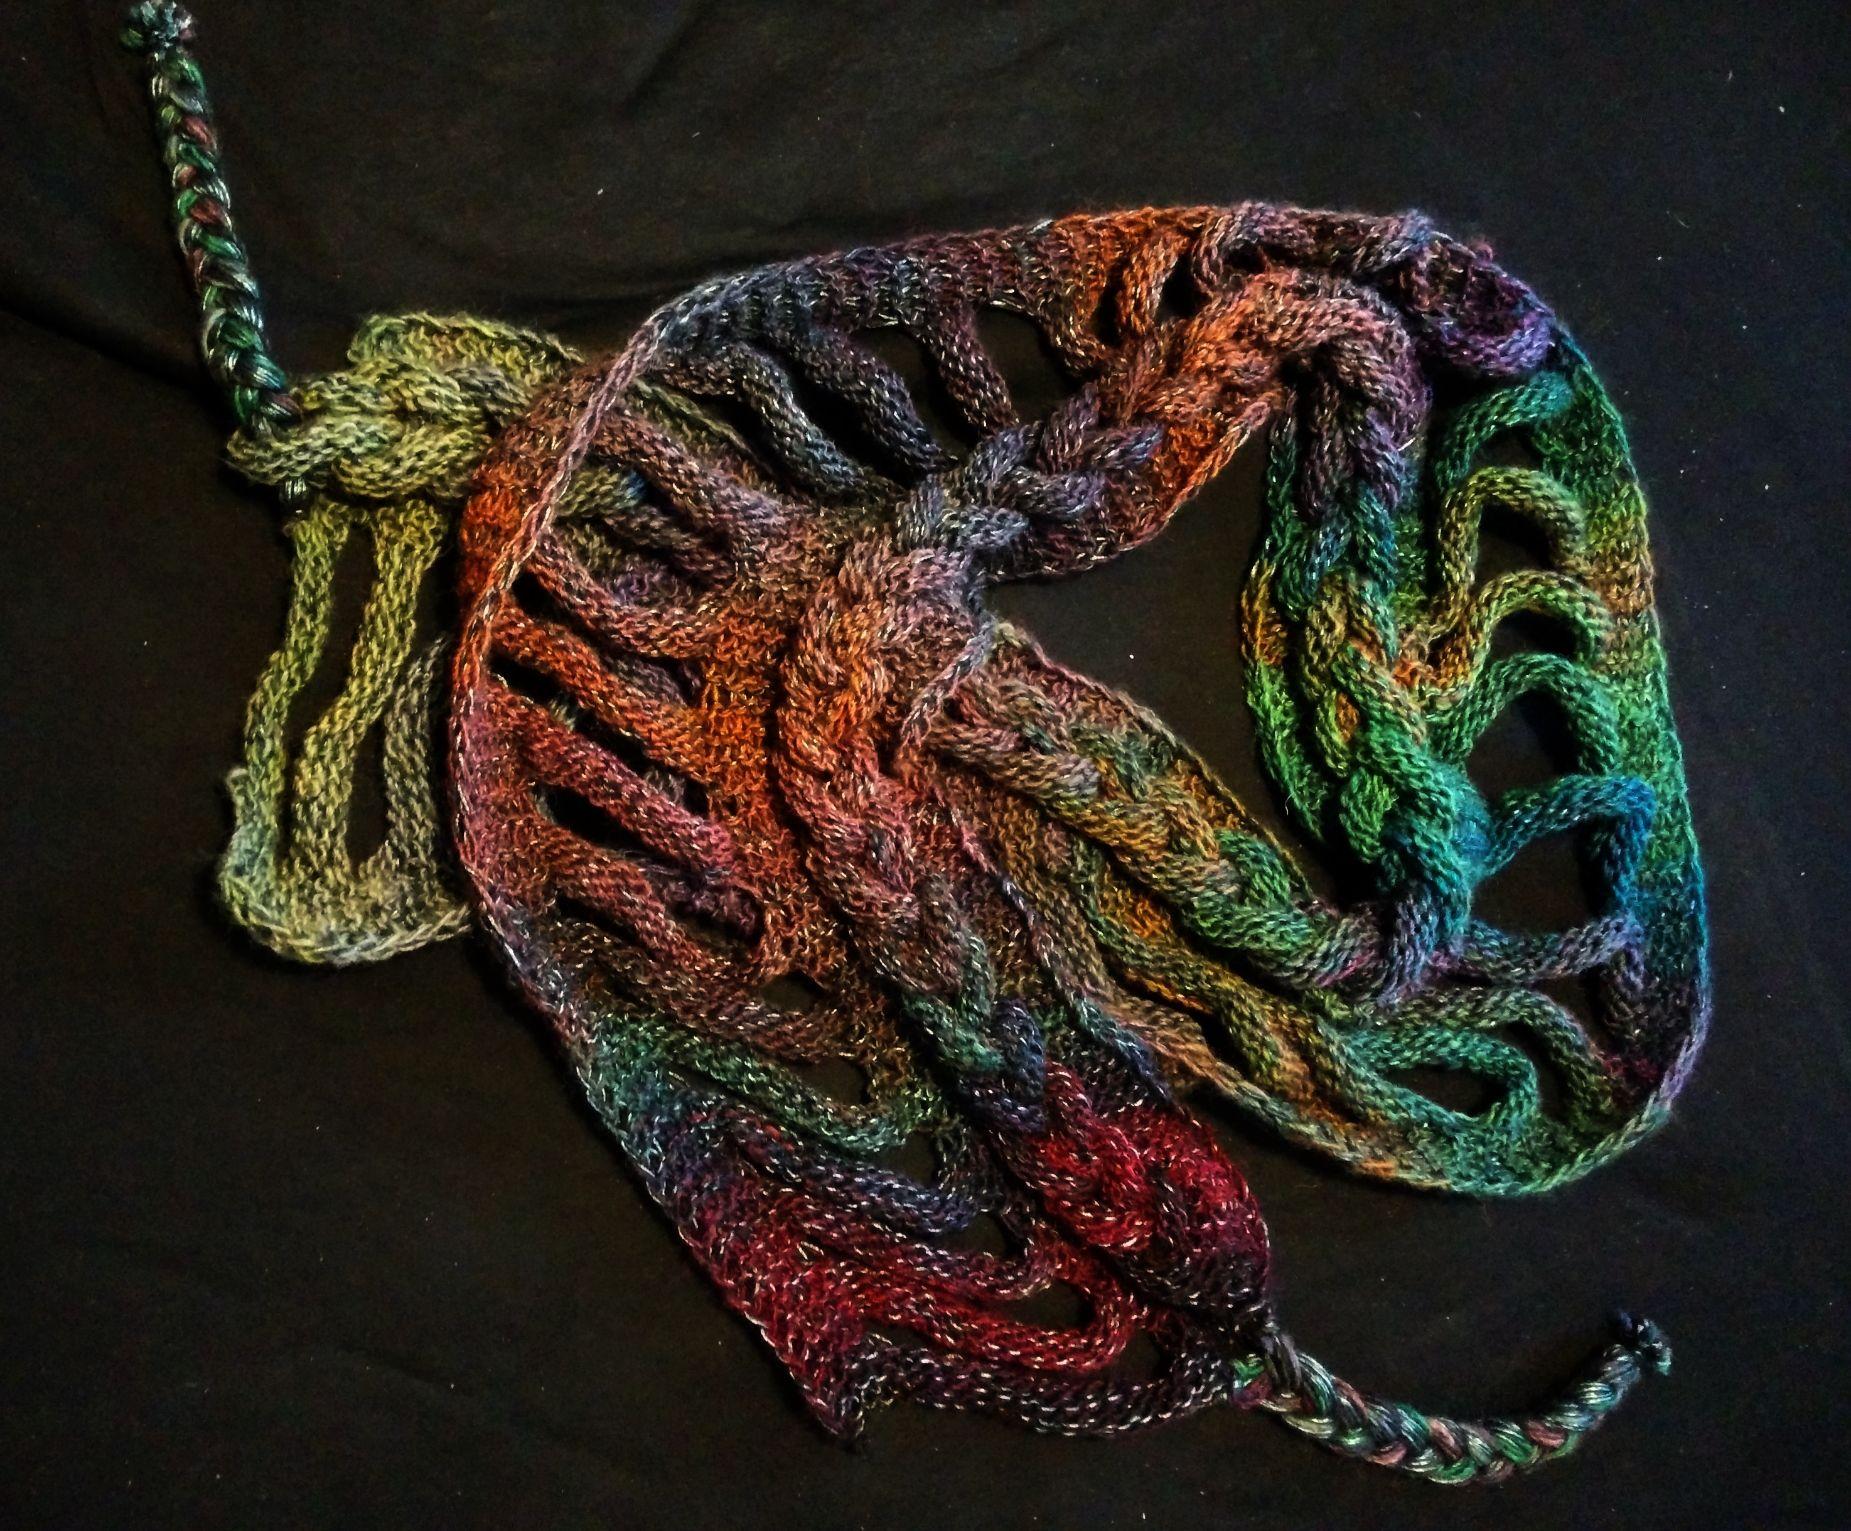 Super Strickanleitung Rapunzelschal... | Viking knits | Rapunzelschal QR46